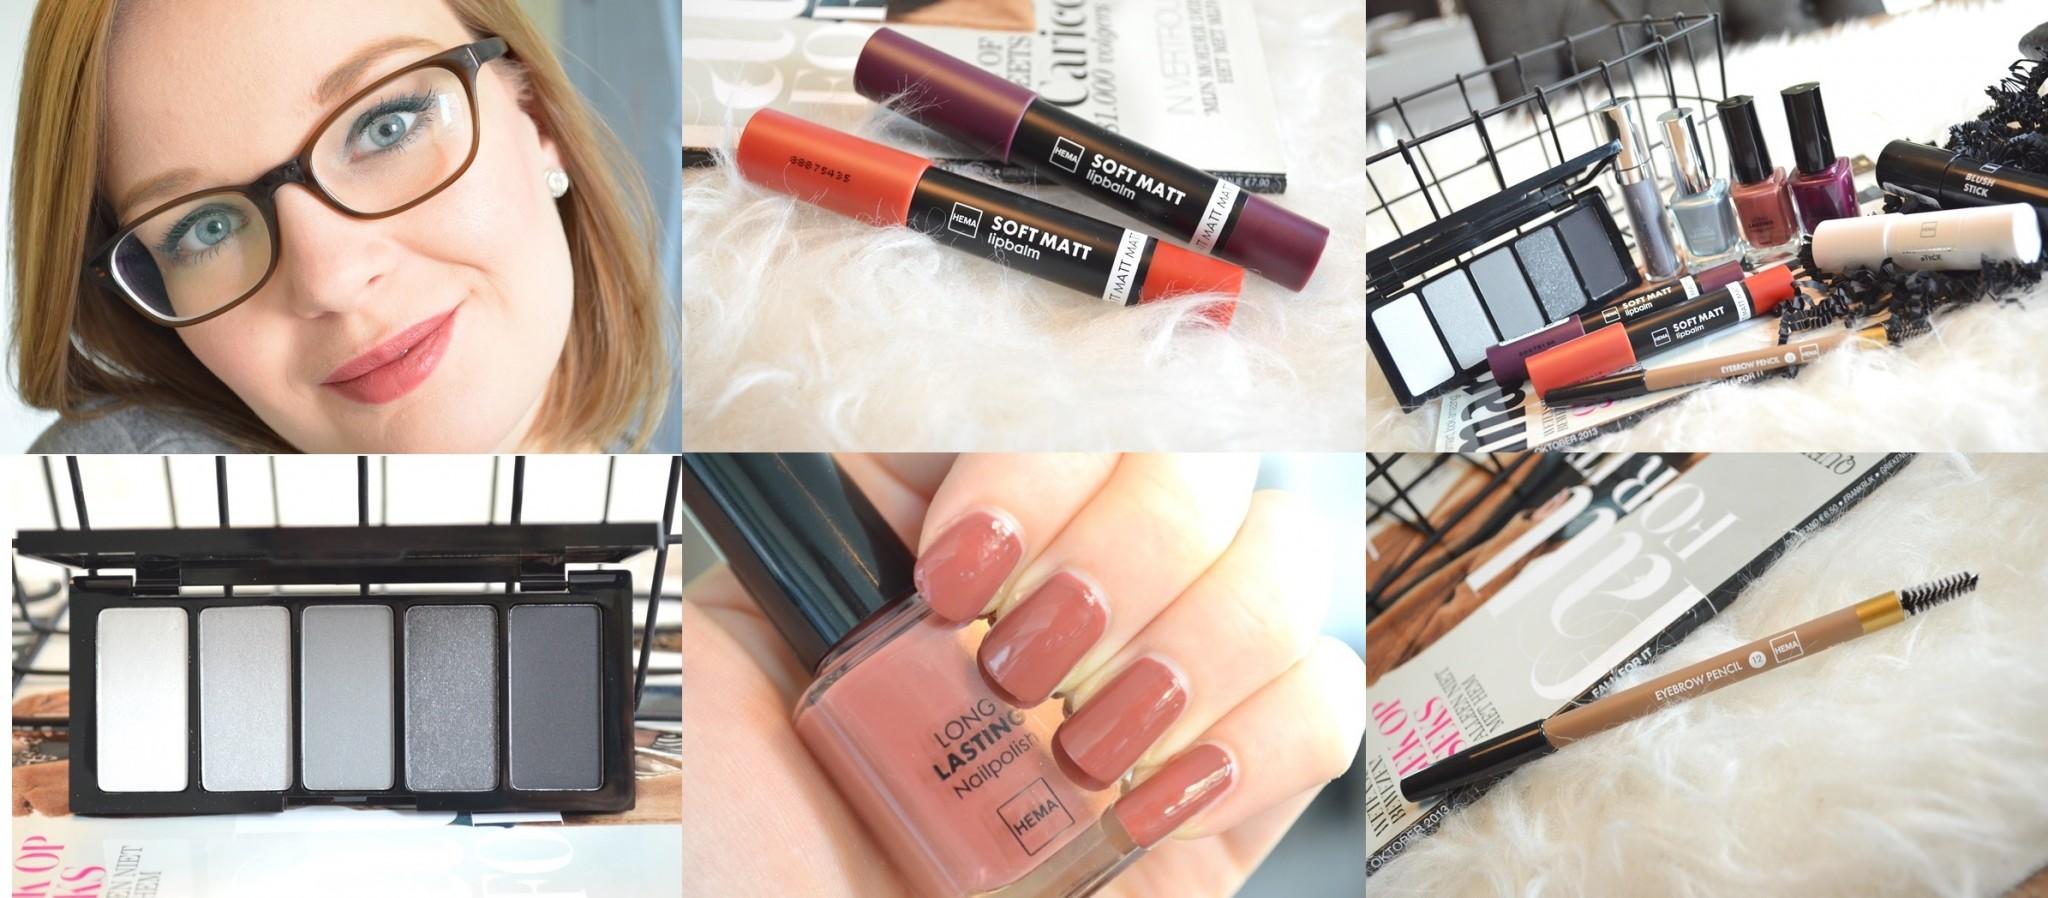 Hema Mega Review Aanvulling Nieuwe Collectie Herfst 2015 Elisejoanne.nl  - HEMA Make-up Aanvullingen Herfst 2015 MEGA Review